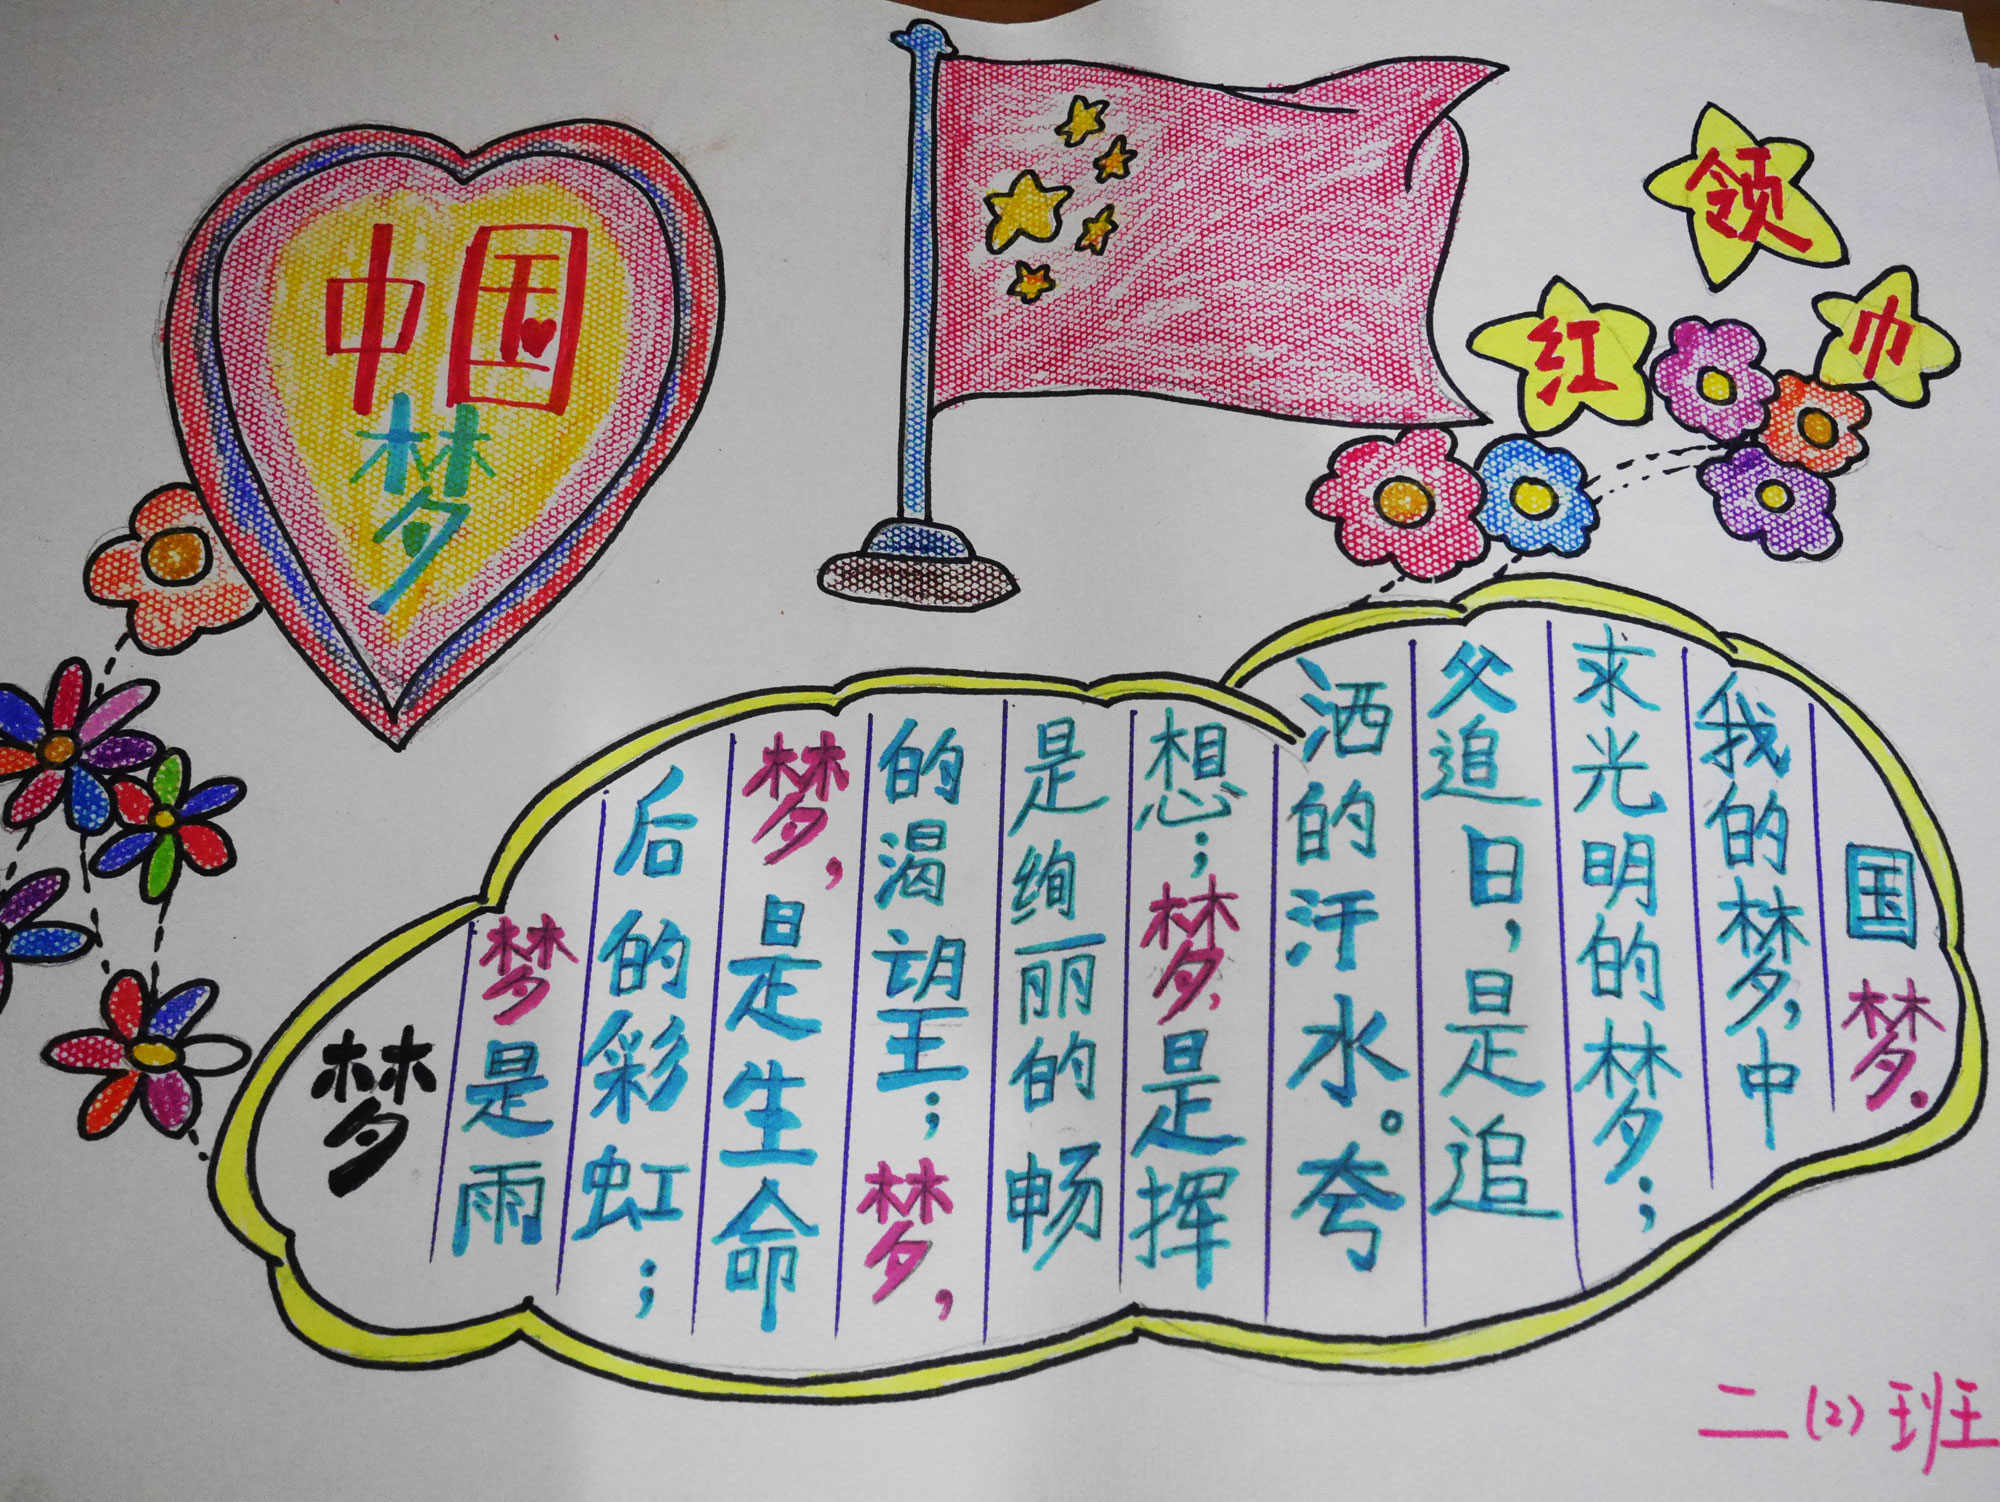 """陕西""""核心价值观记心中""""""""我的梦,中国梦手抄报""""少先队活动"""